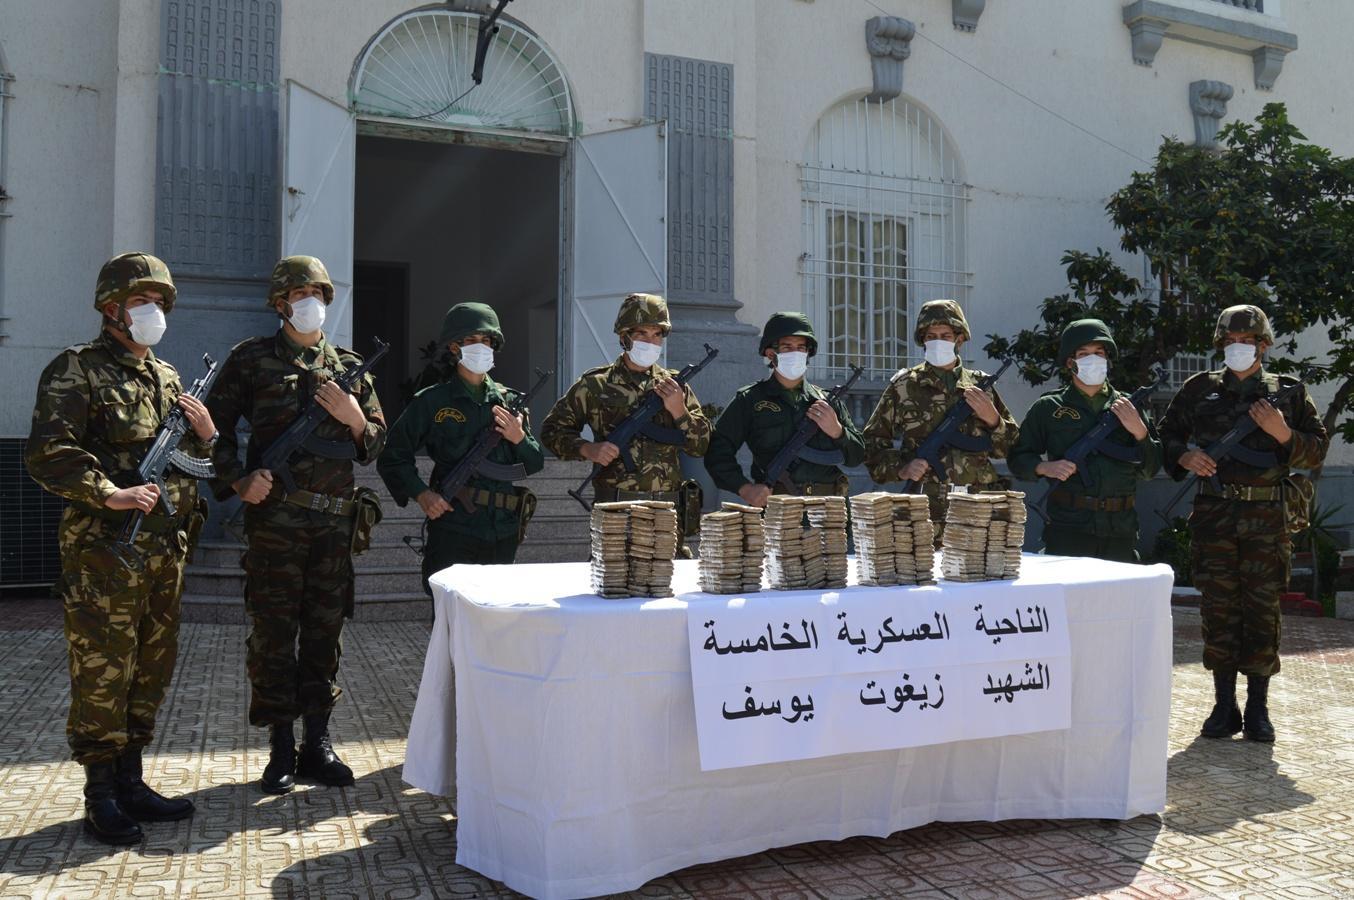 الجزائر : حصيلة جهود الجيش الهادفة إلى تعزيز الأمن والسكينة في مختلف أنحاء الوطن